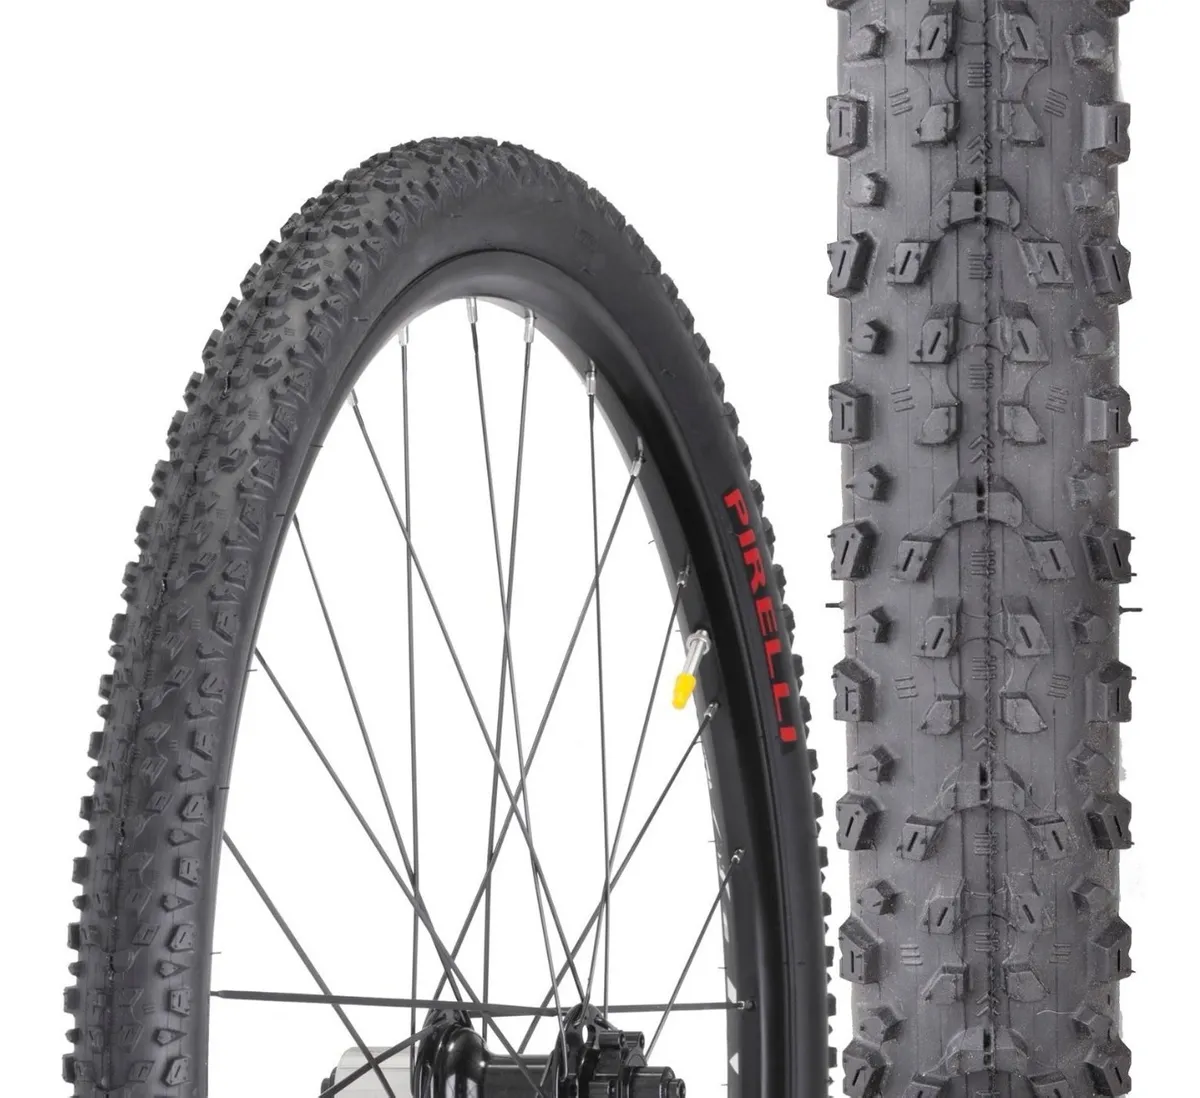 Montar uma bike, pneu Pirelli com cravos